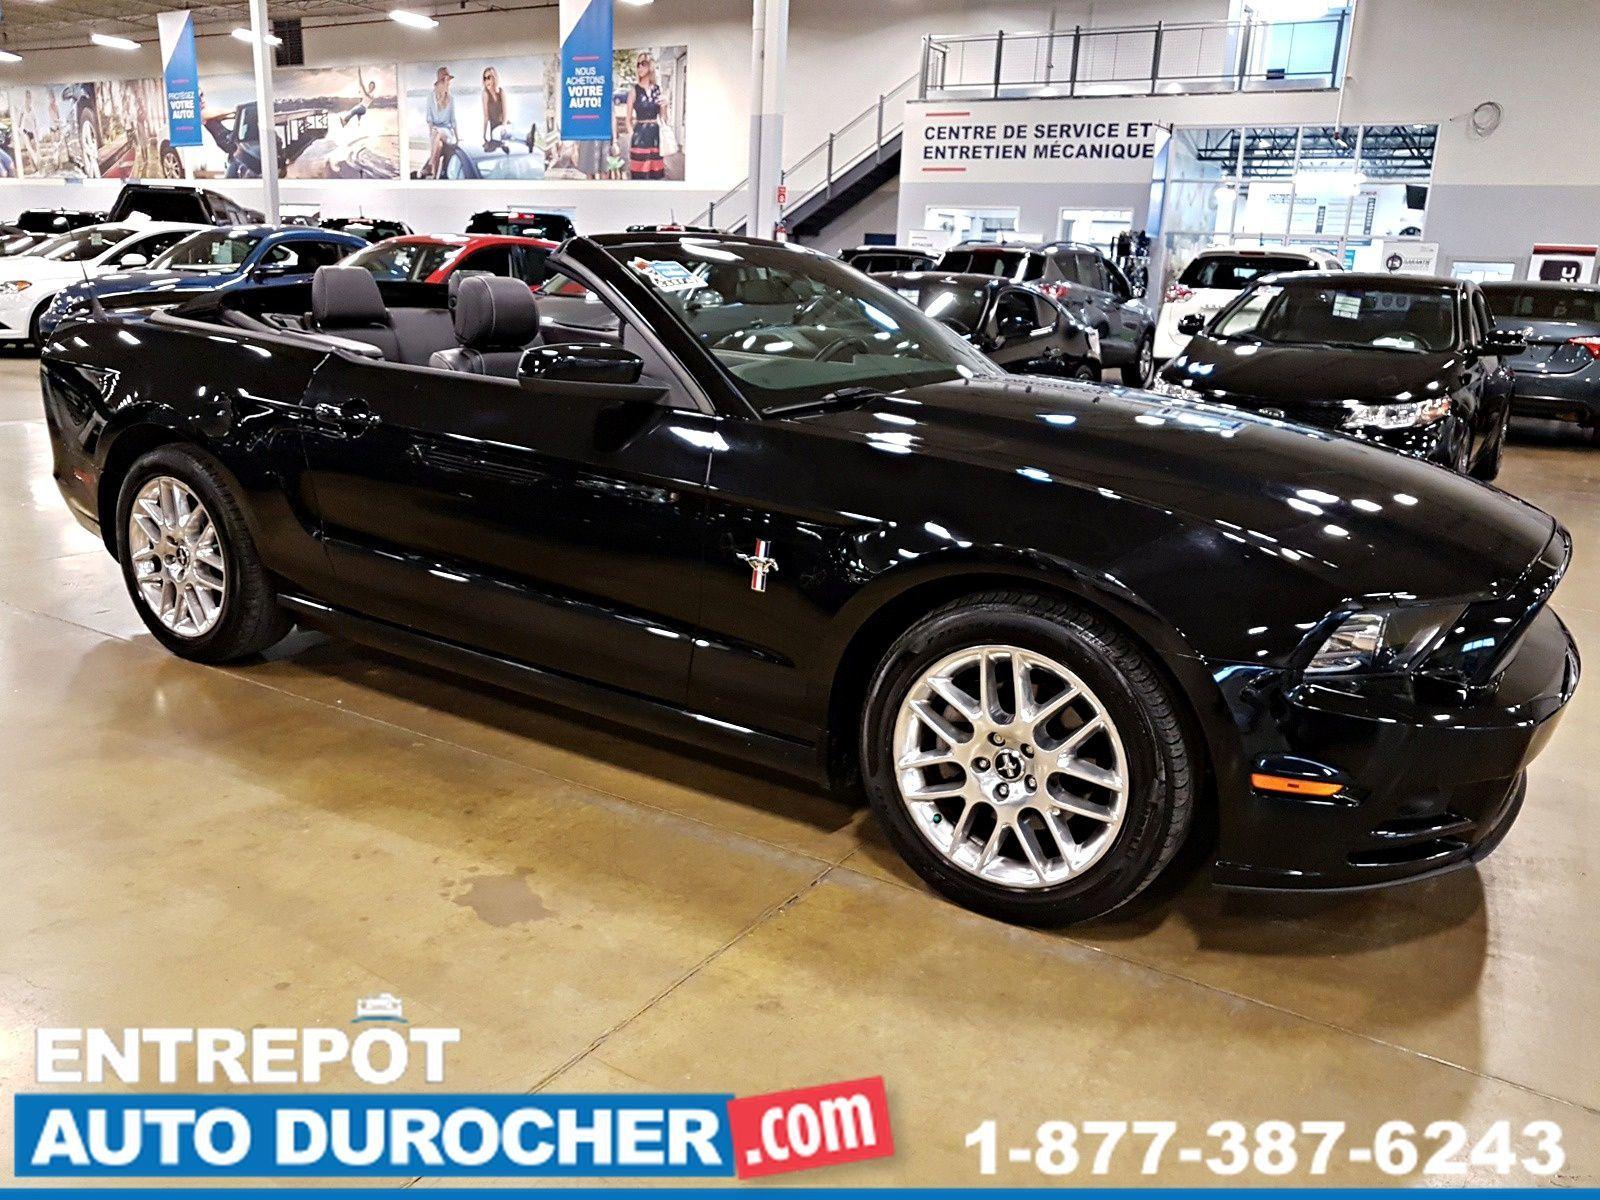 2014 Ford Mustang V6 Premium, Décapotable - Automatique - NAVIGATION - Cuir